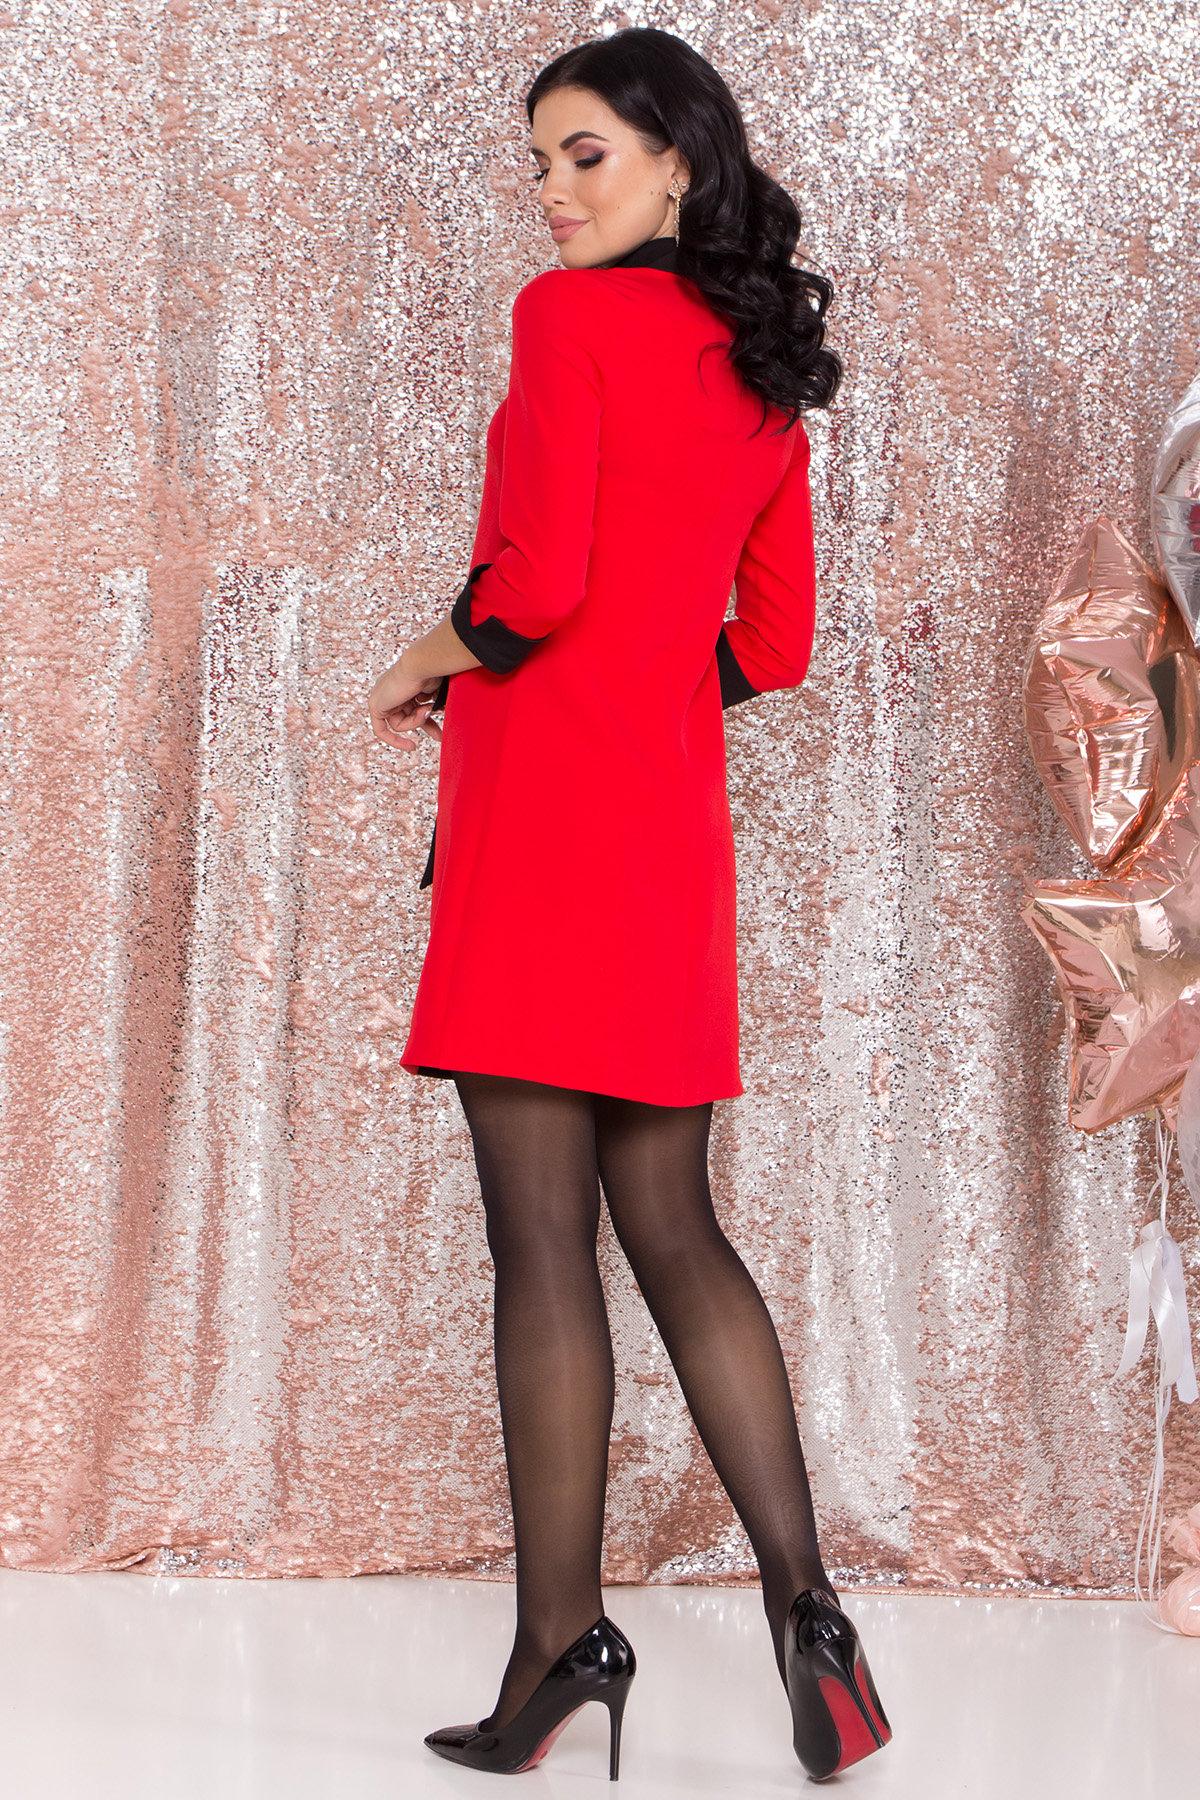 Платье-трапеция Вивьен 8512 АРТ. 44802 Цвет: Красная/черная - фото 3, интернет магазин tm-modus.ru